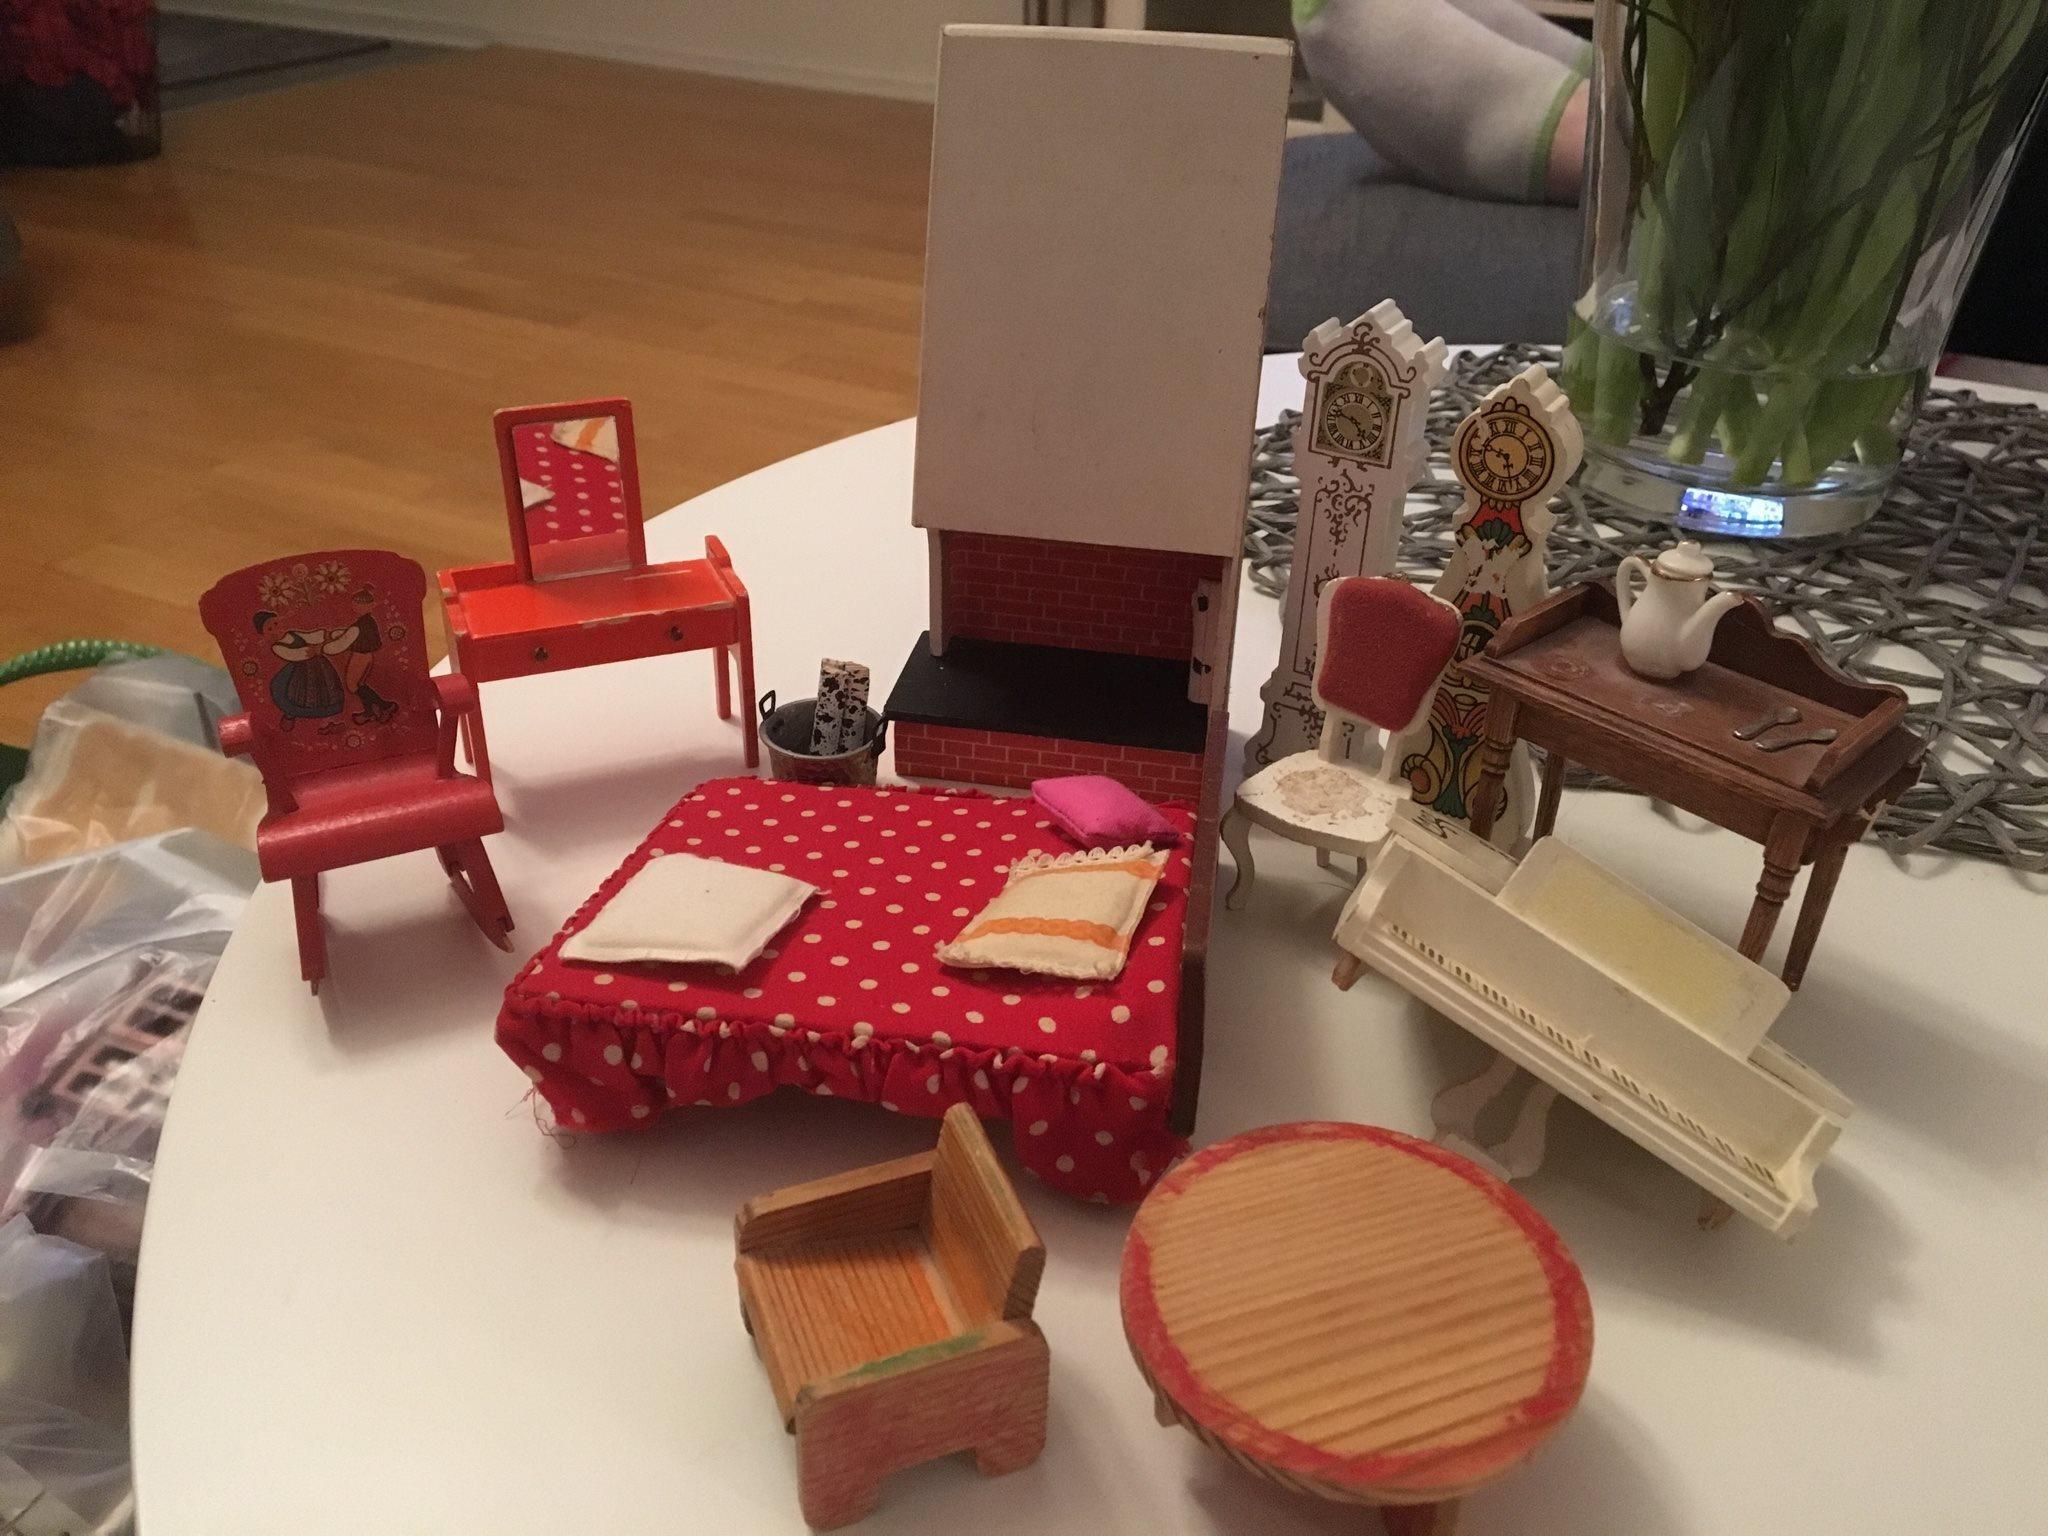 dockhusmöbler lundby defekta och annorlunda möbler på tradera -